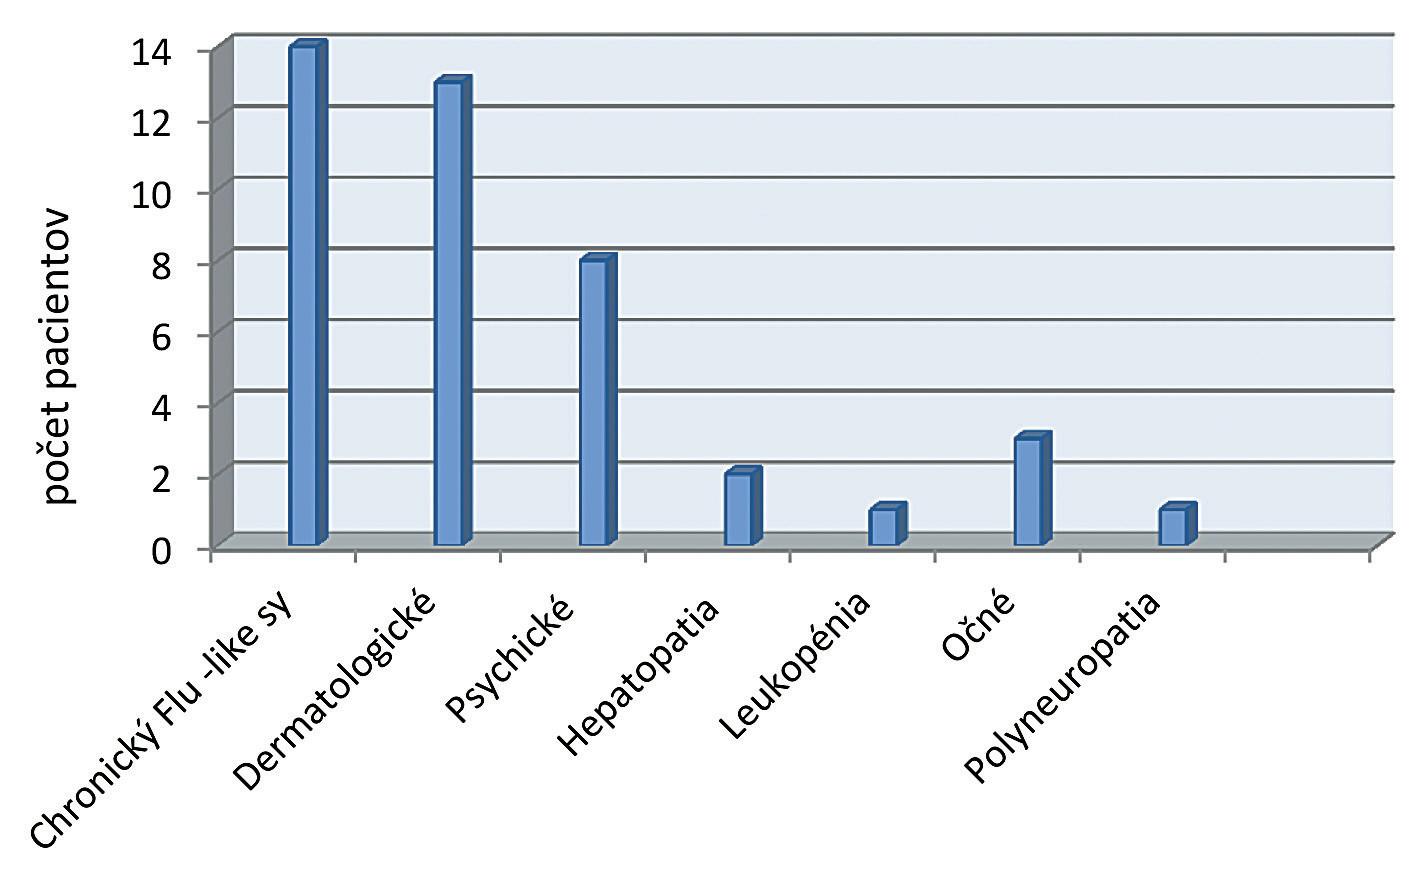 Výskyt nežiadúcich účinkov v priebehu liečby IFN-α